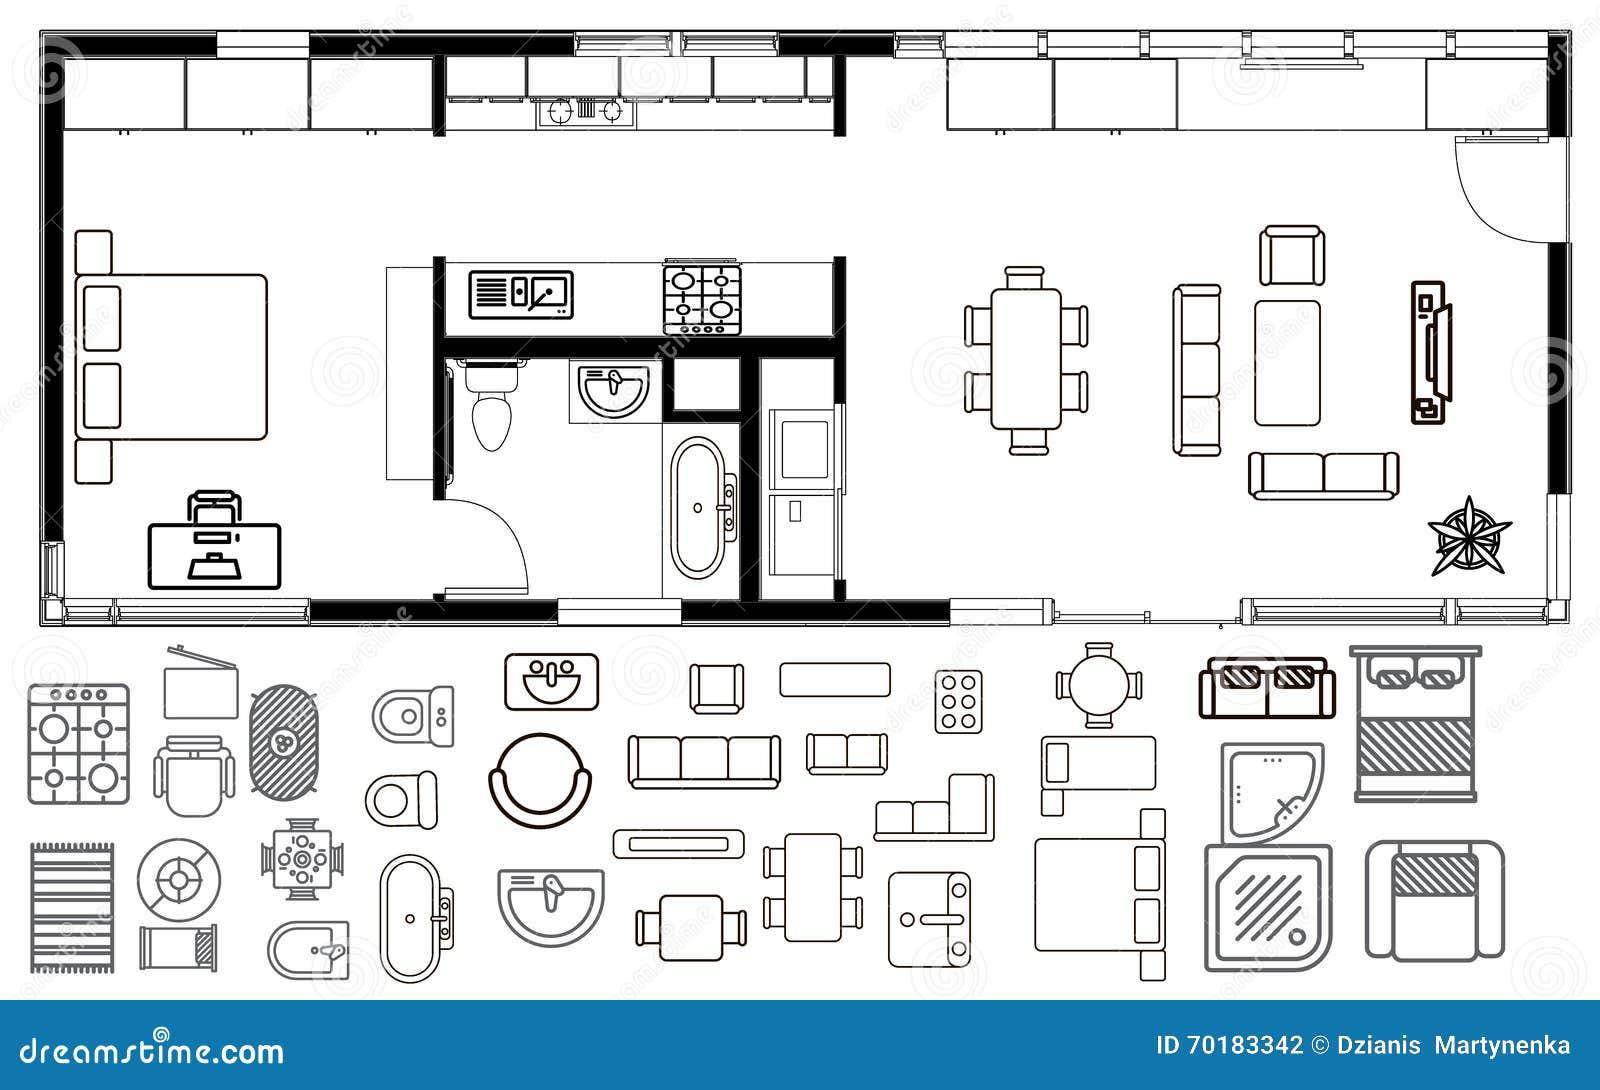 bathroom ceiling finishing ideas - Architekturplan Mit Möbeln In Der Draufsicht Vektor